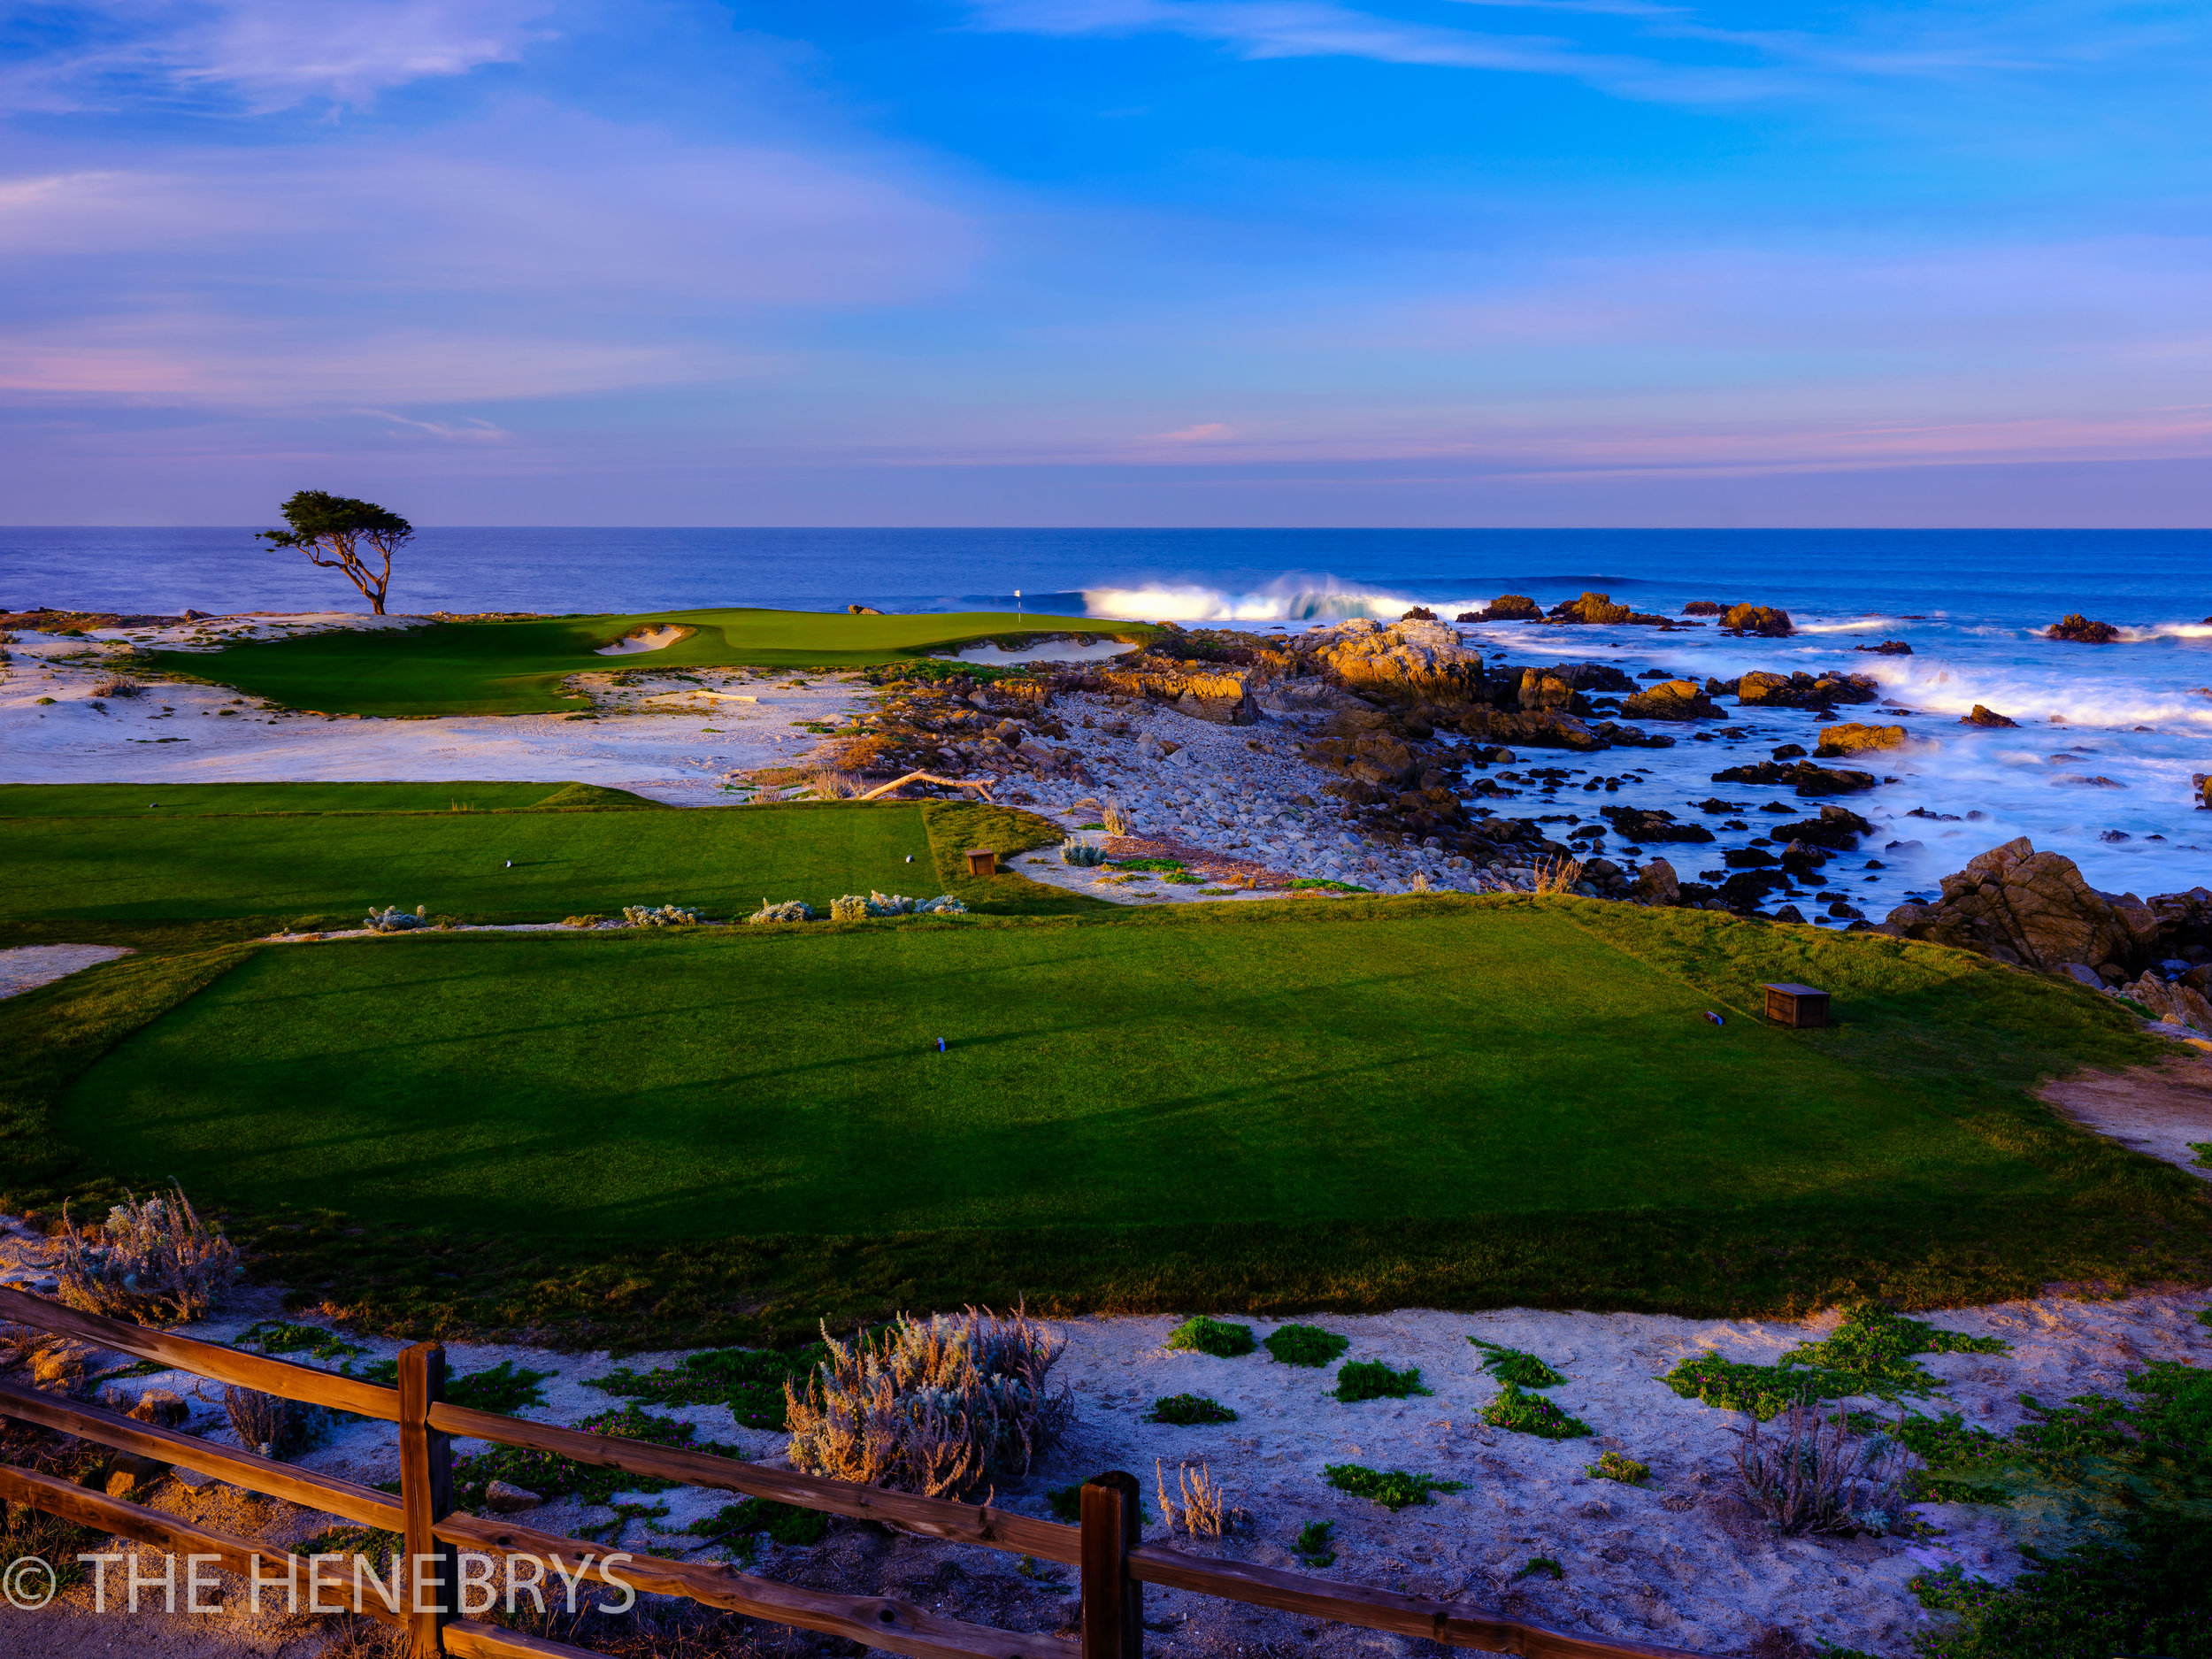 Monterrey Peninsula Country Club, Dunes Course #14, Pebble Beach, California